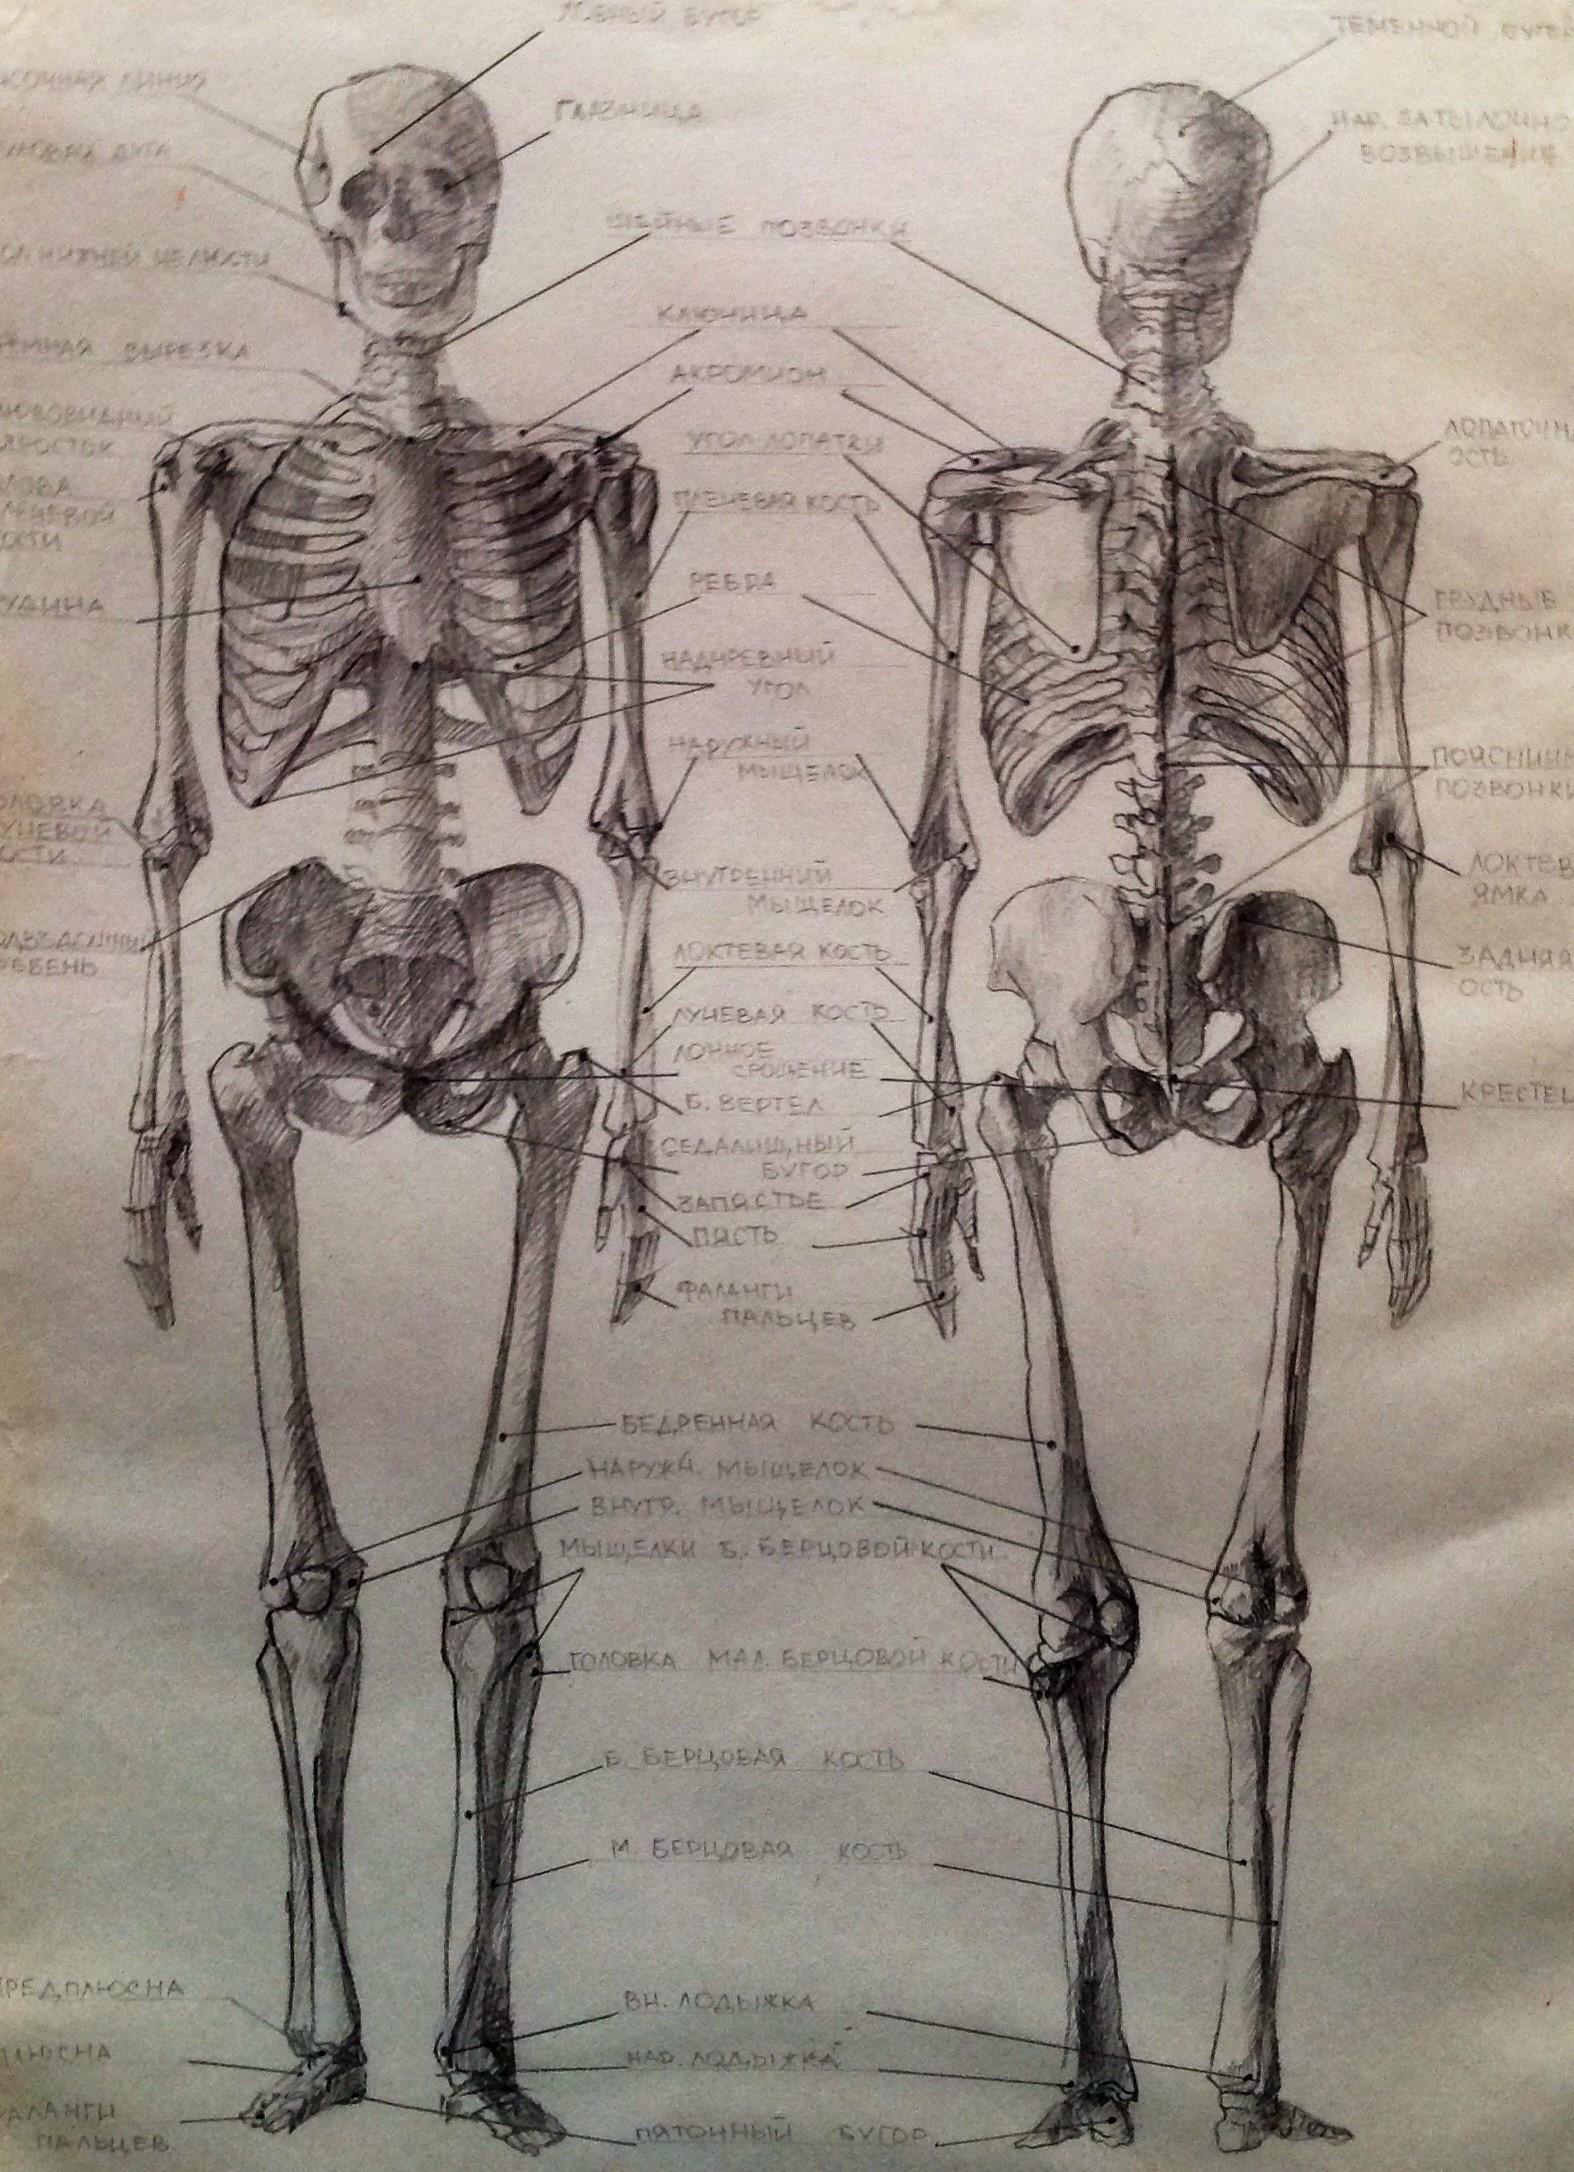 Скелет человека, рисунок от руки, карандаш. - светлана иванова ...